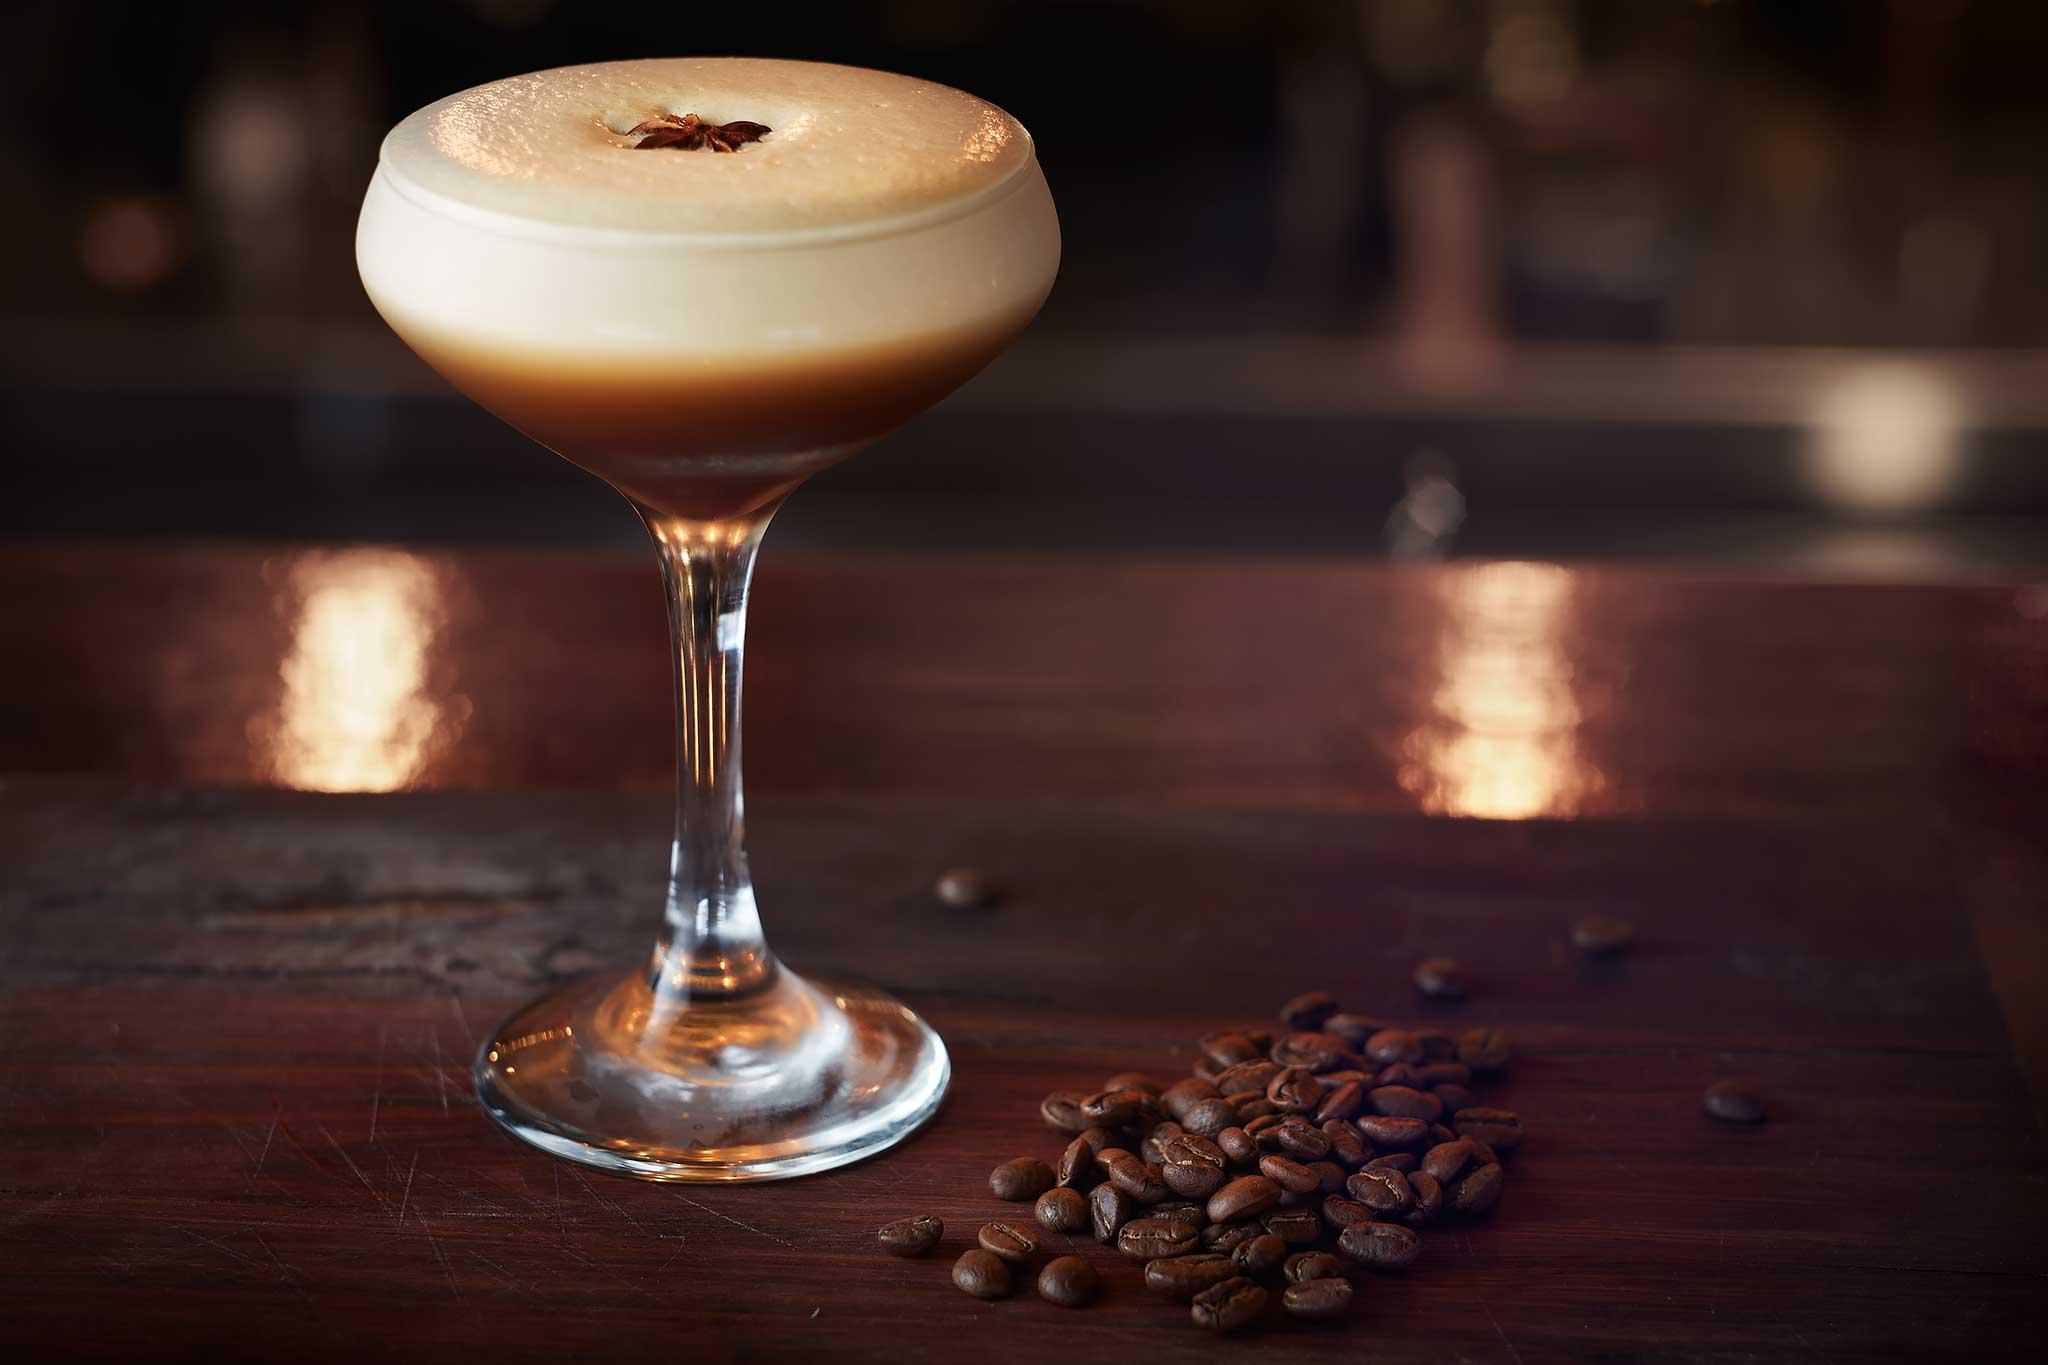 Лучшие рецепты кофе на основе ликера Бейлис